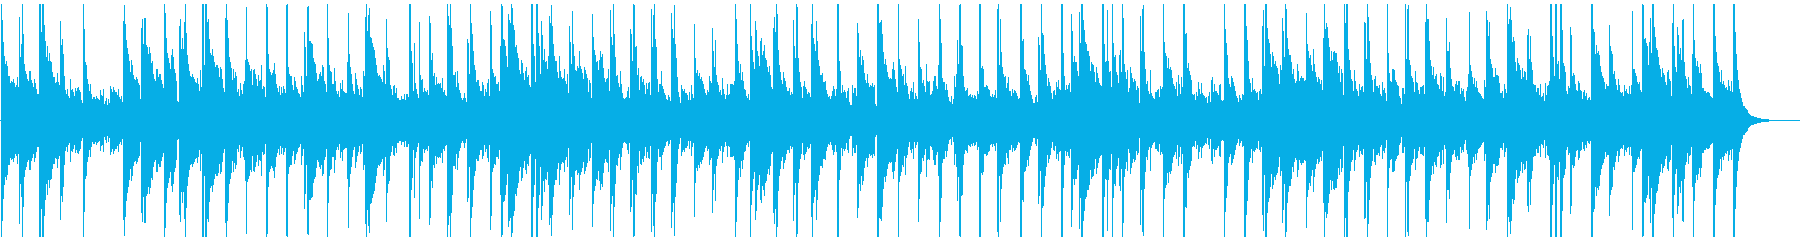 アコースティックなフォークバラードの再生済みの波形